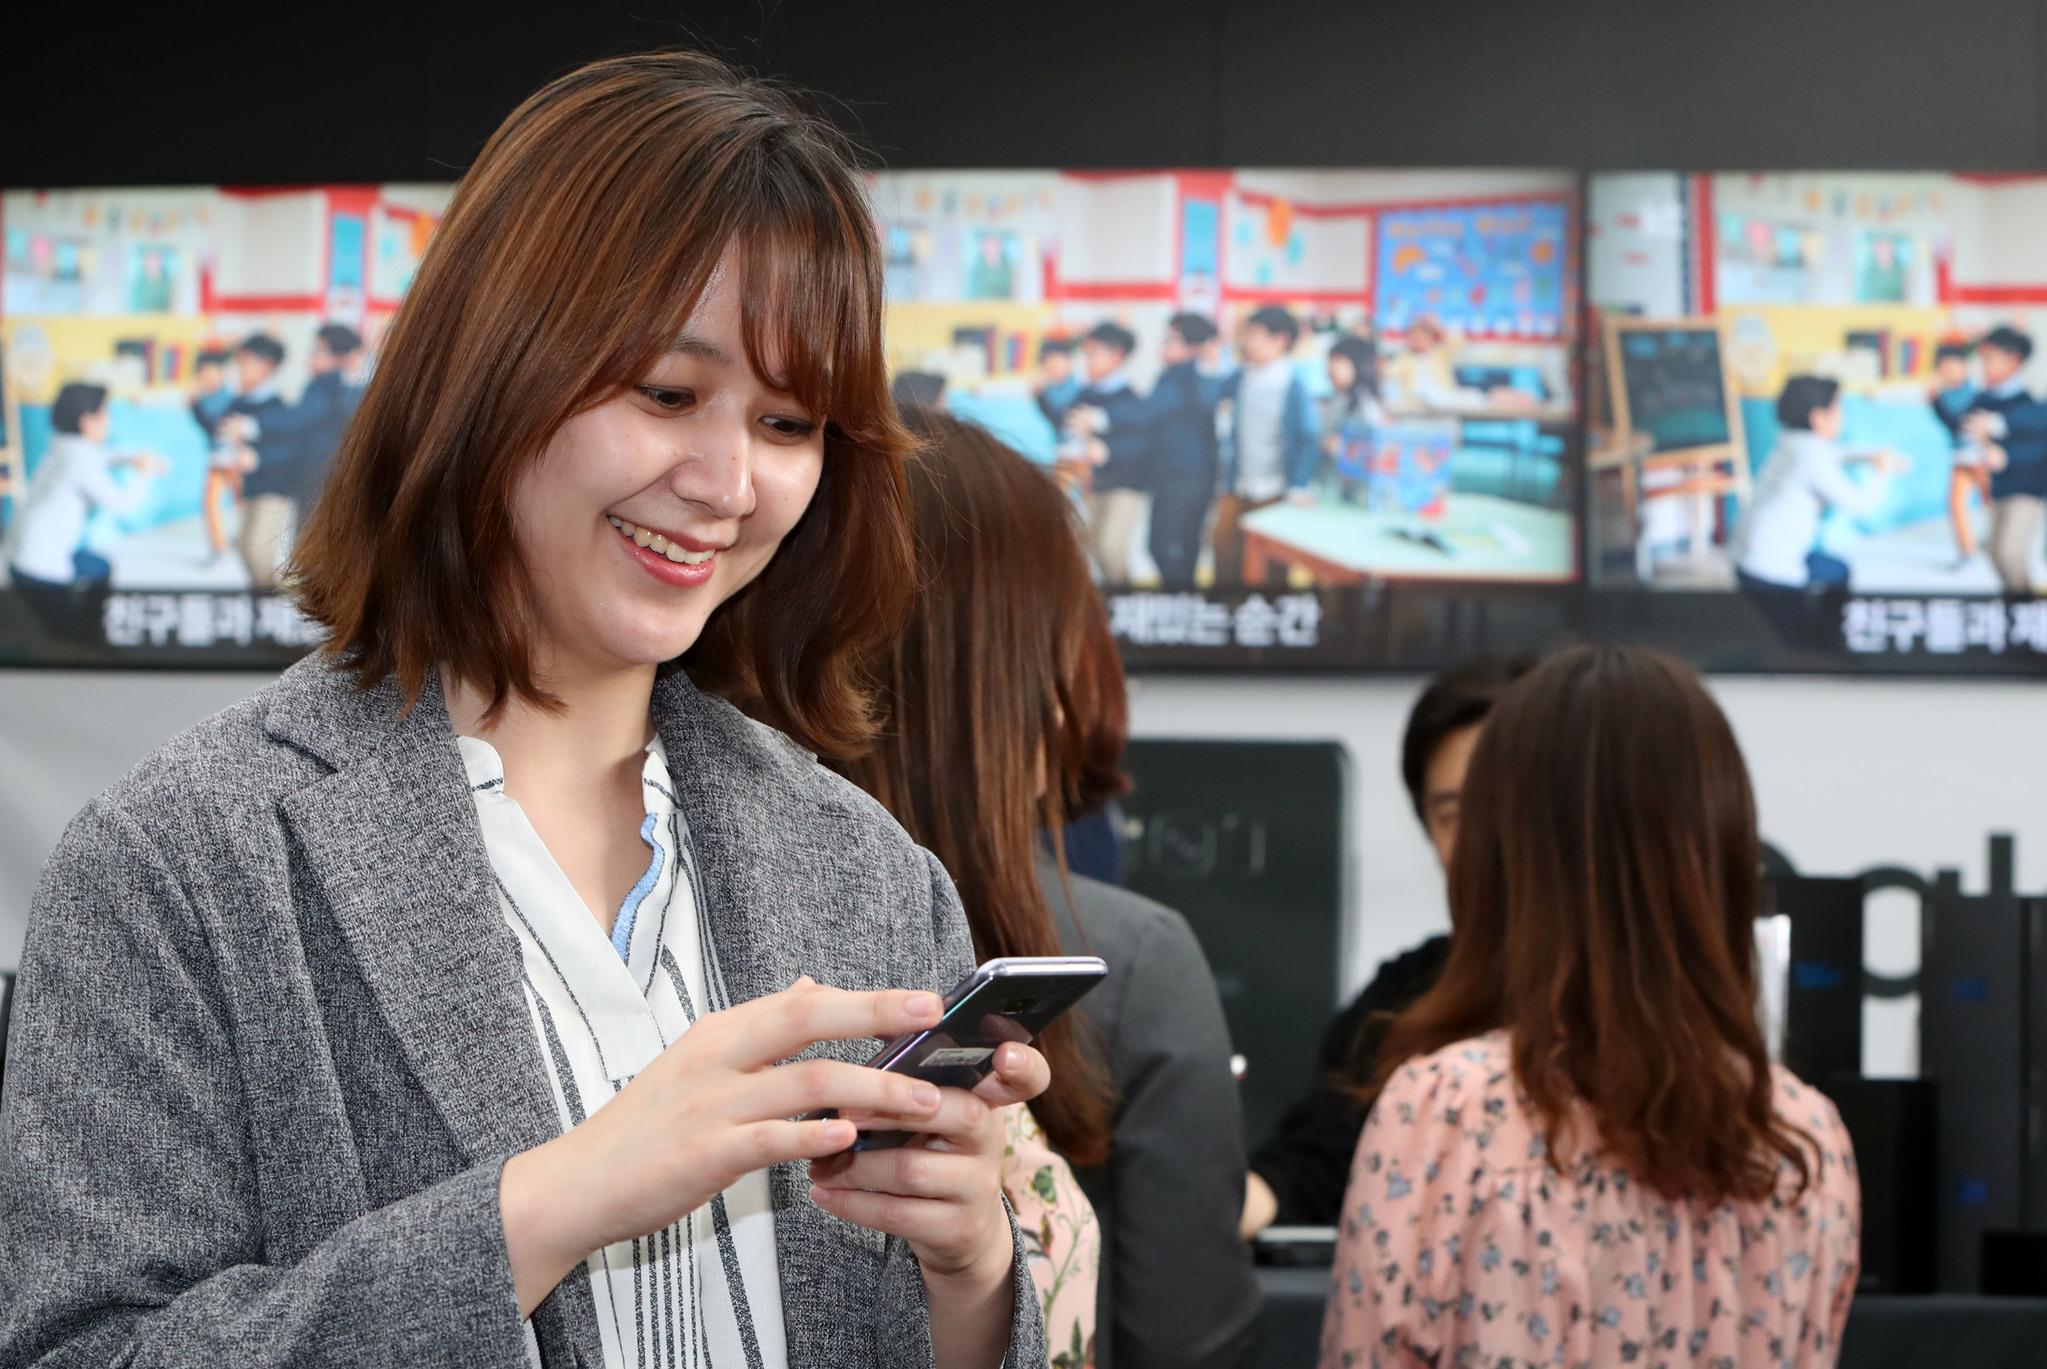 '갤럭시S8' 시리즈'가 21일 공식 국내출시됐다.사진은 이날 오후 서울 광화문 Kt 스퀘어 매장.조문규 기자